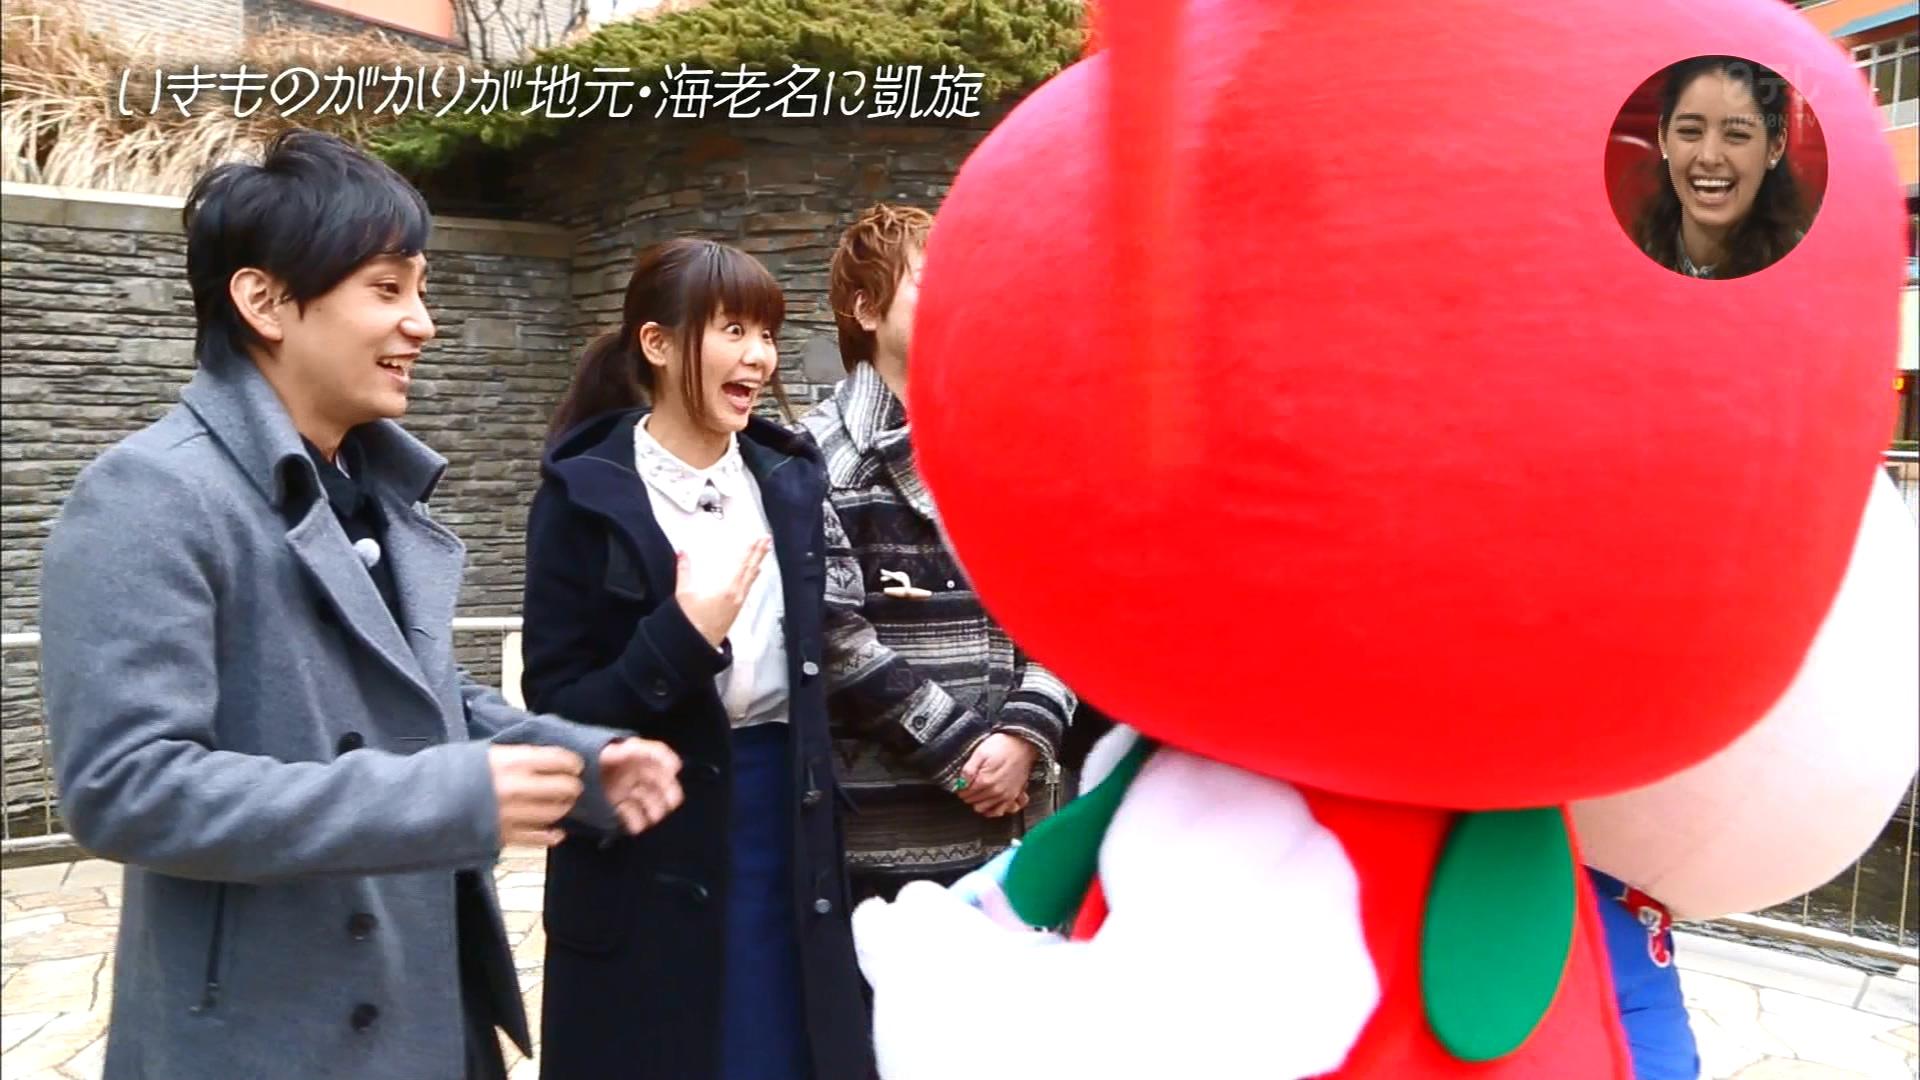 2016.03.13 全場(おしゃれイズム).ts_20160314_013254.111